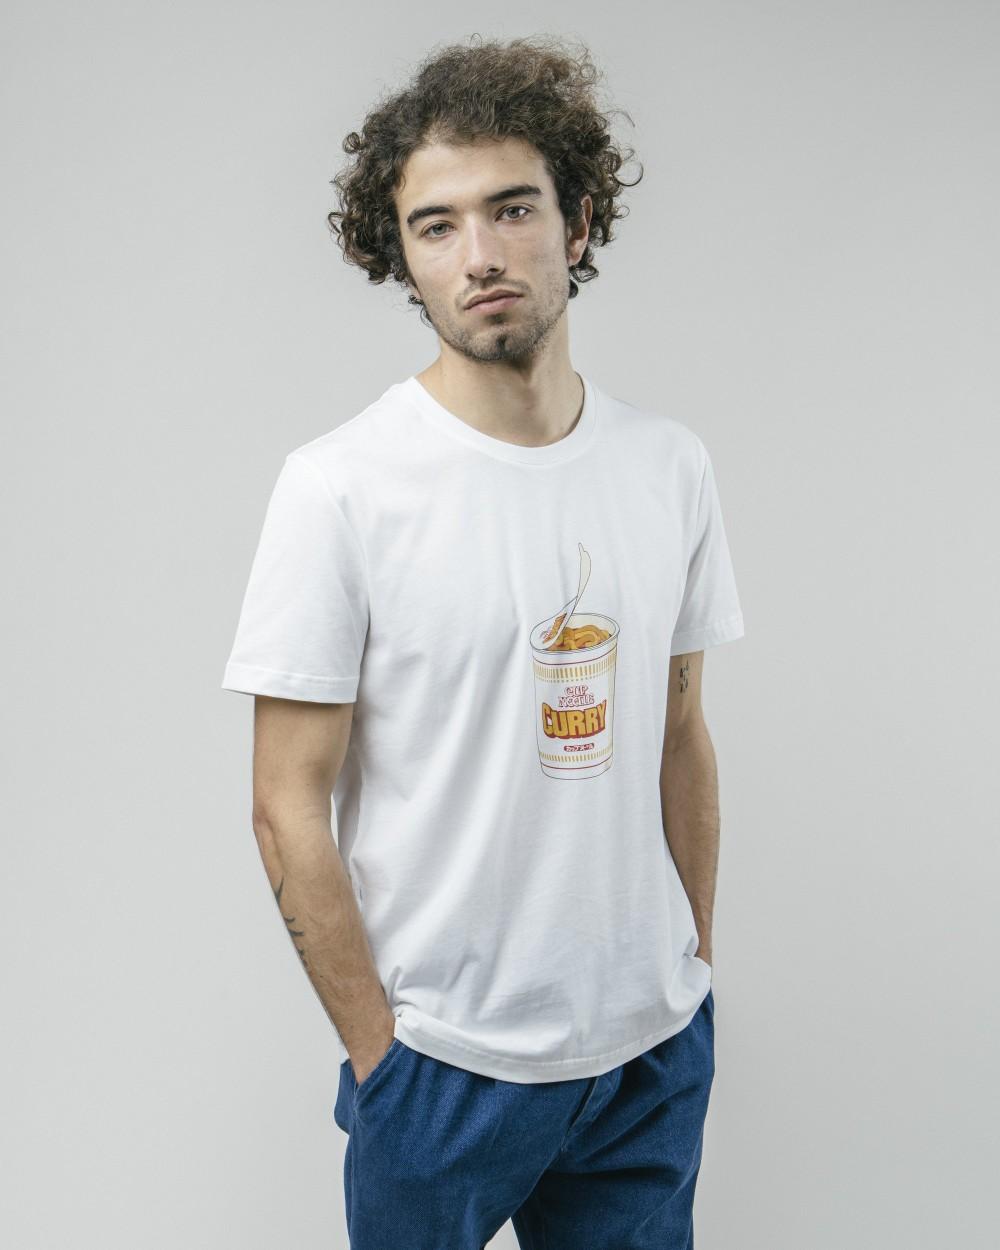 Curry to go t-shirt - Brava Fabrics